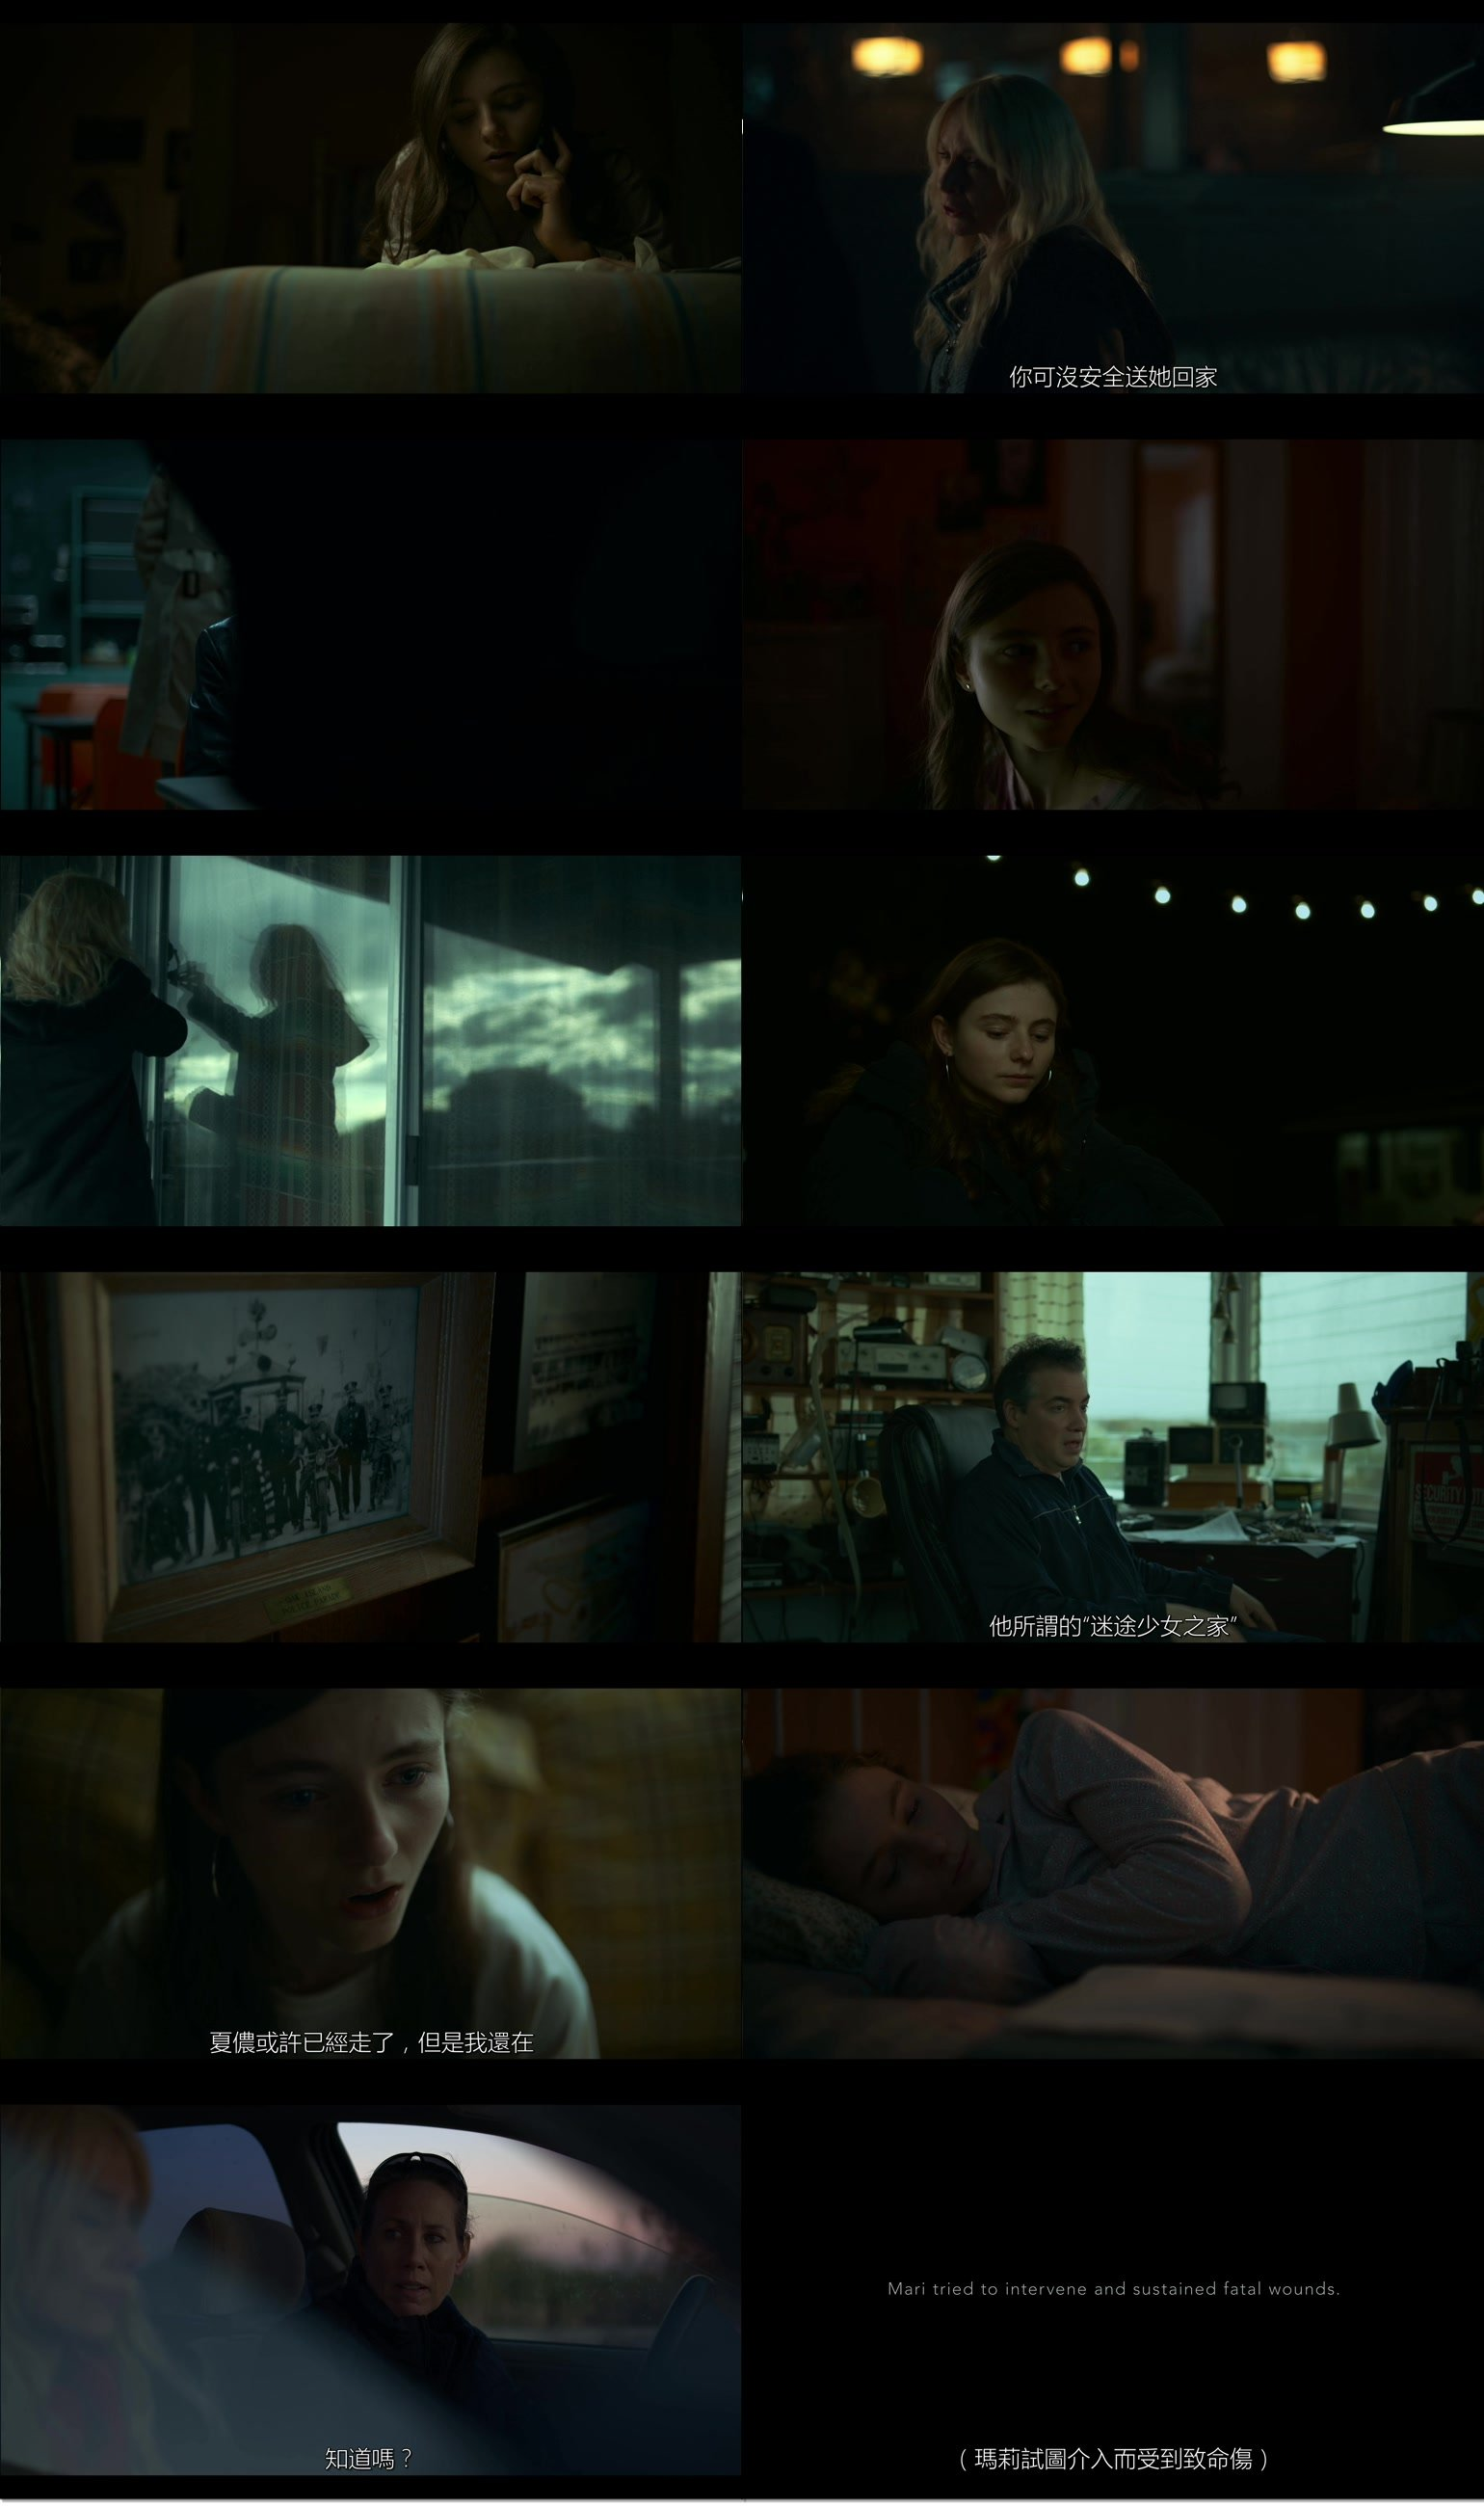 Lost.Girls.2020.1080p.NF.WEB-DL.DDP5.1.x264-NTG.mkv